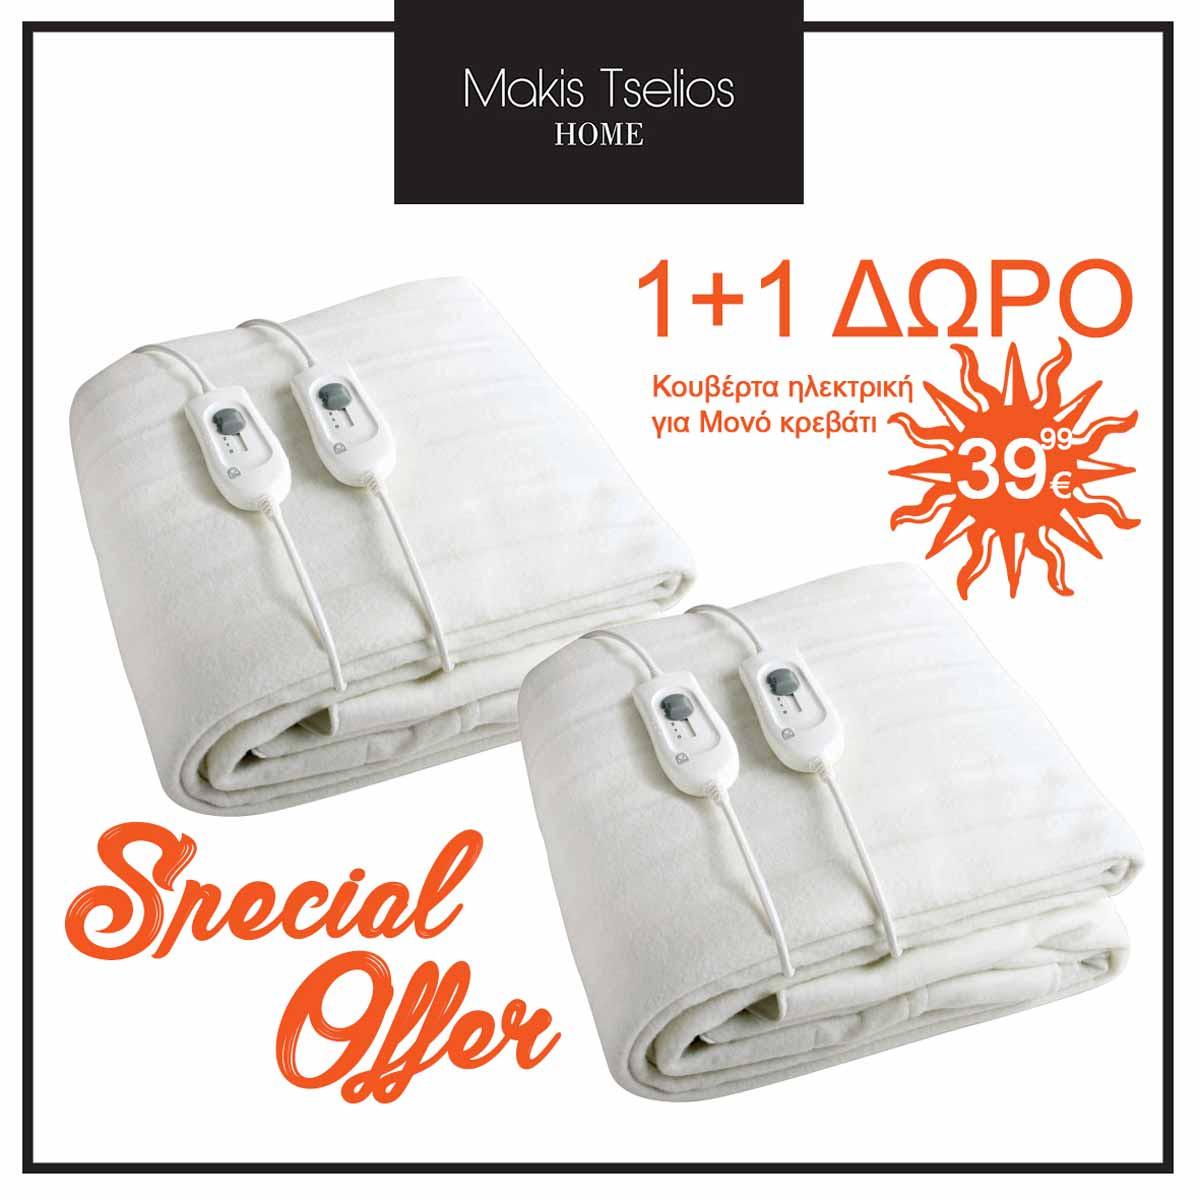 Ηλεκτρική Κουβέρτα Μονή 1+1 Δώρο Makis Tselios